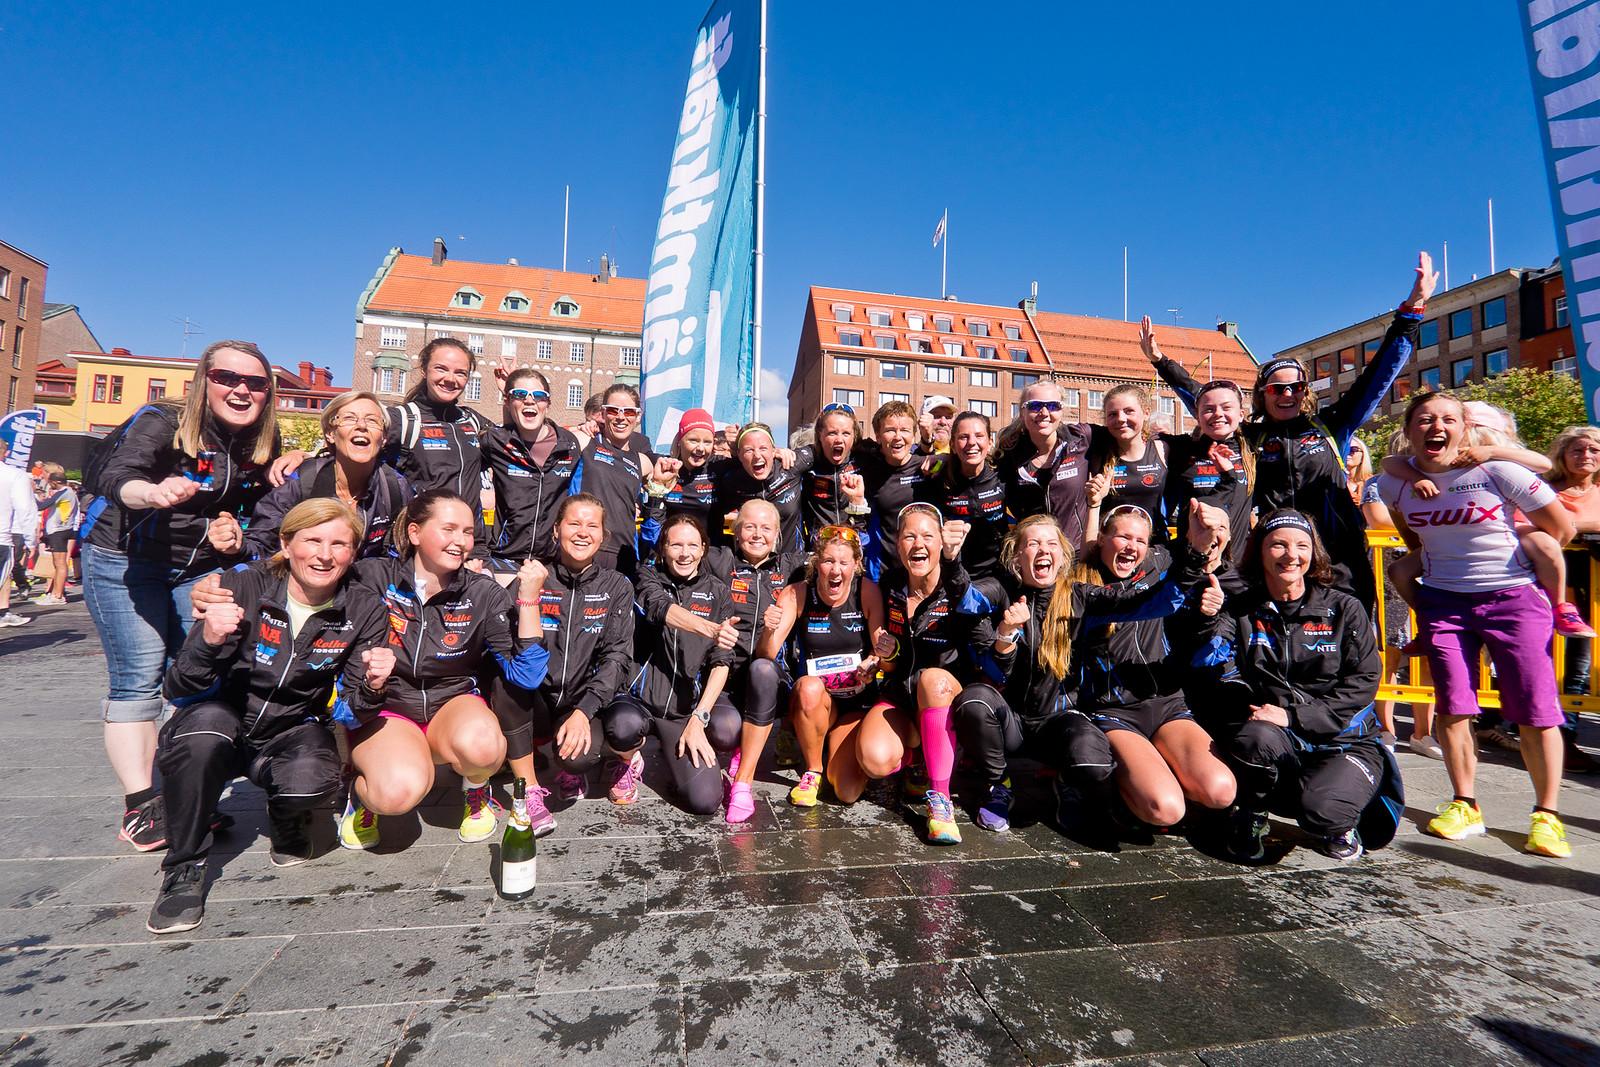 Namdal_løpeklubb_damer _vant_StOlavsloppet_Foto_HelgeLangen.jpg